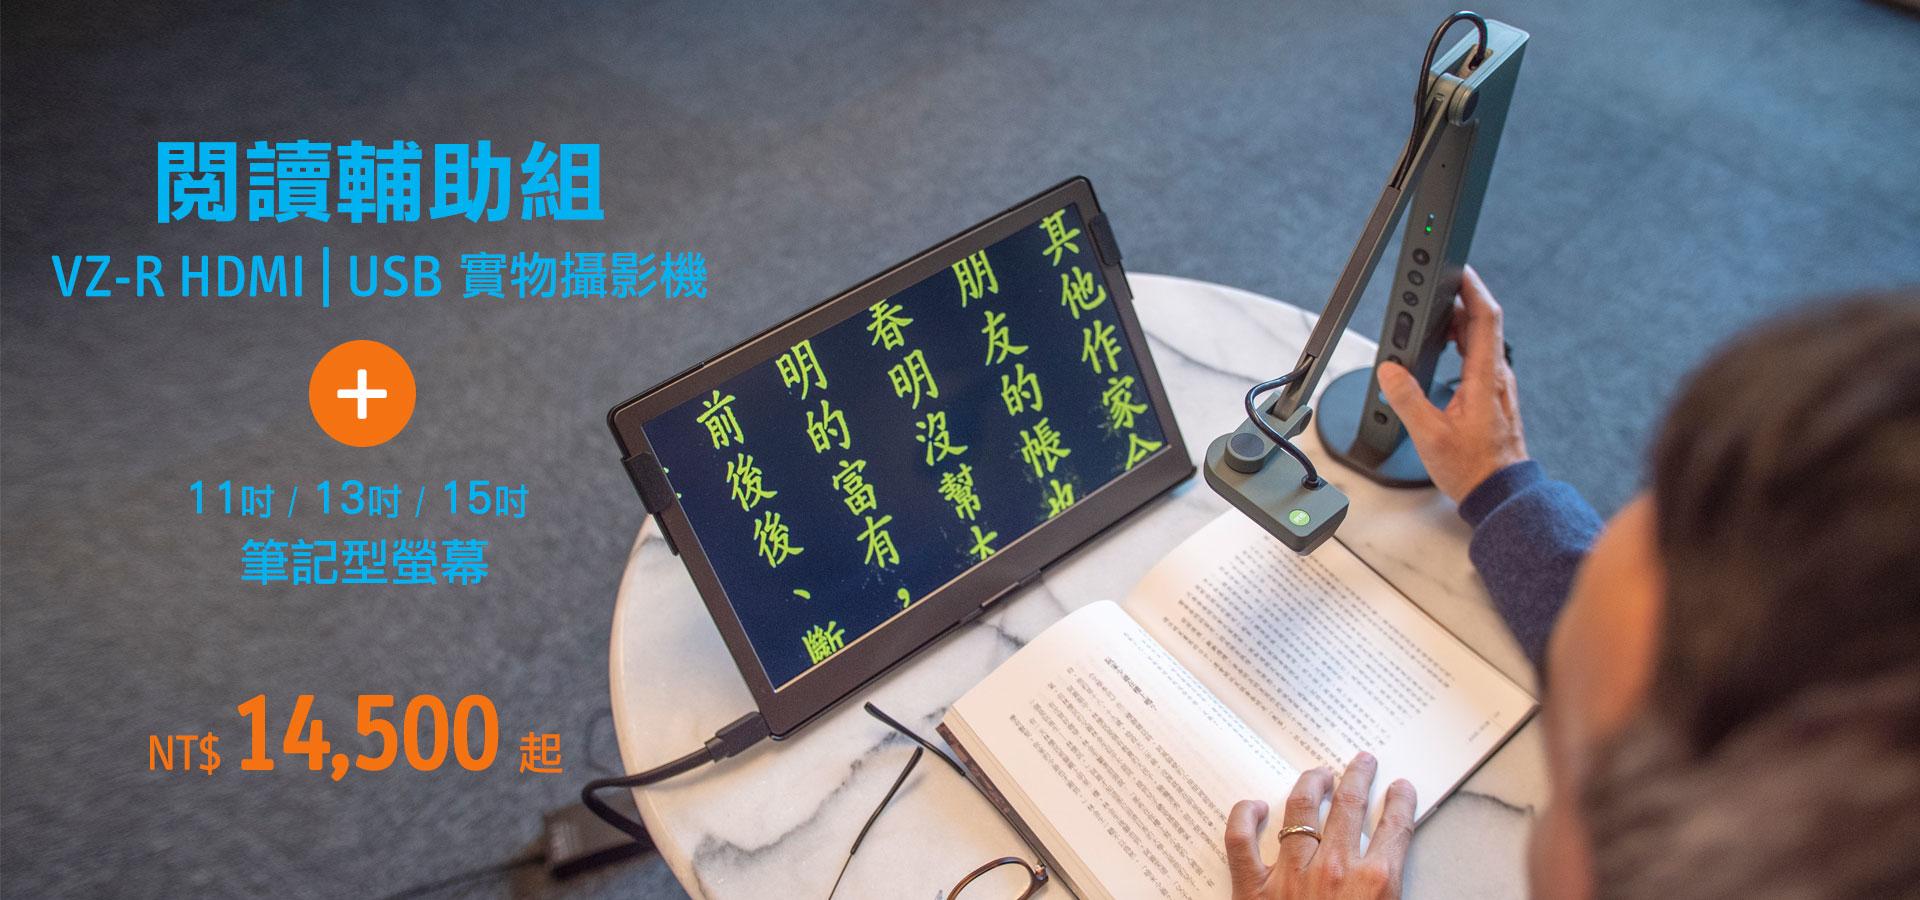 閱讀輔助組: VZ-R HDMI   USB 實物攝影機 + (11/13/15) 吋筆記型螢幕